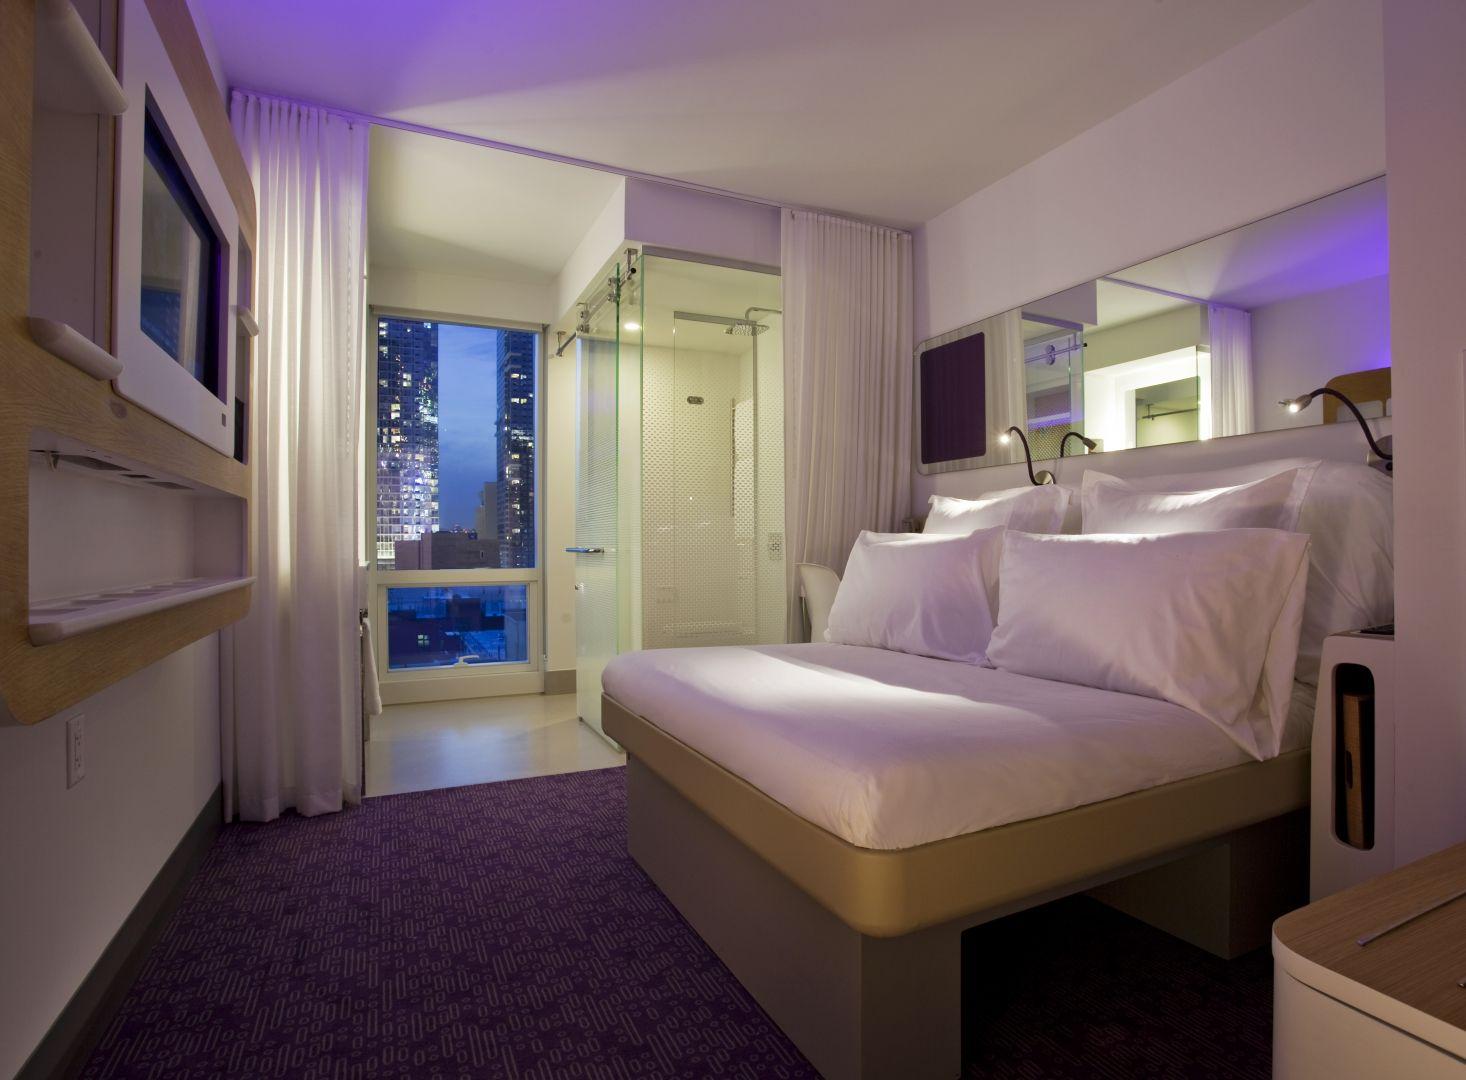 Hotels-Yotel-3